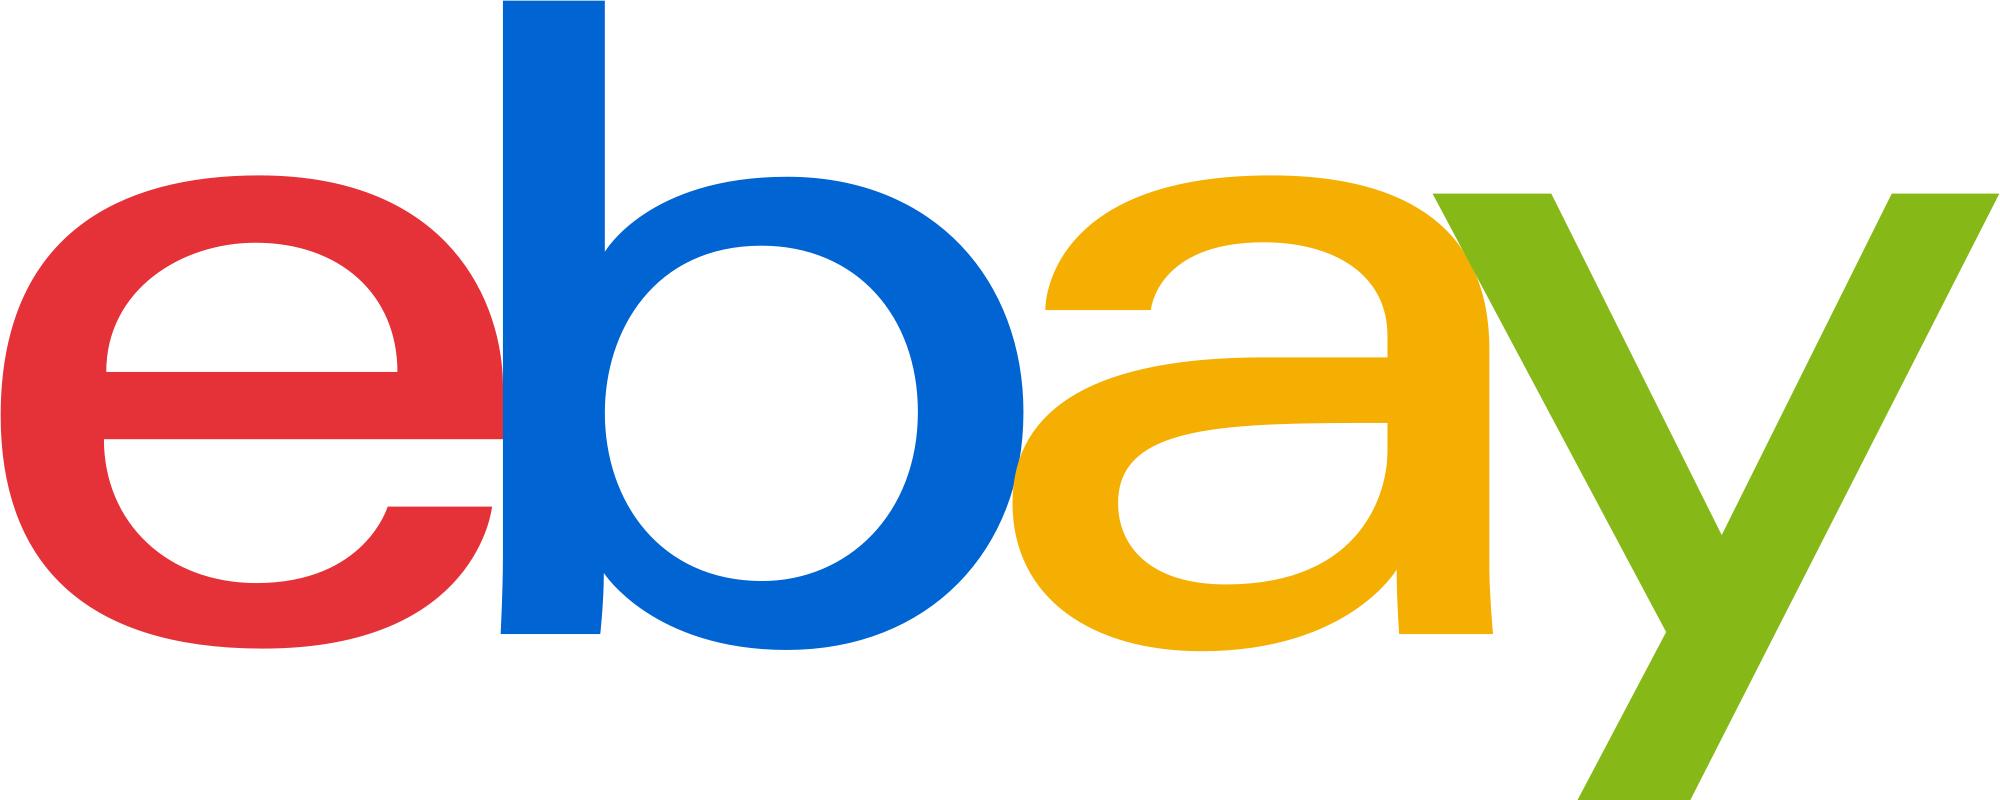 EBAY Tschüss Socken! Kostenloses Einstellen und Maximal 9,99€ Verkaufsprovision bis Neujahr